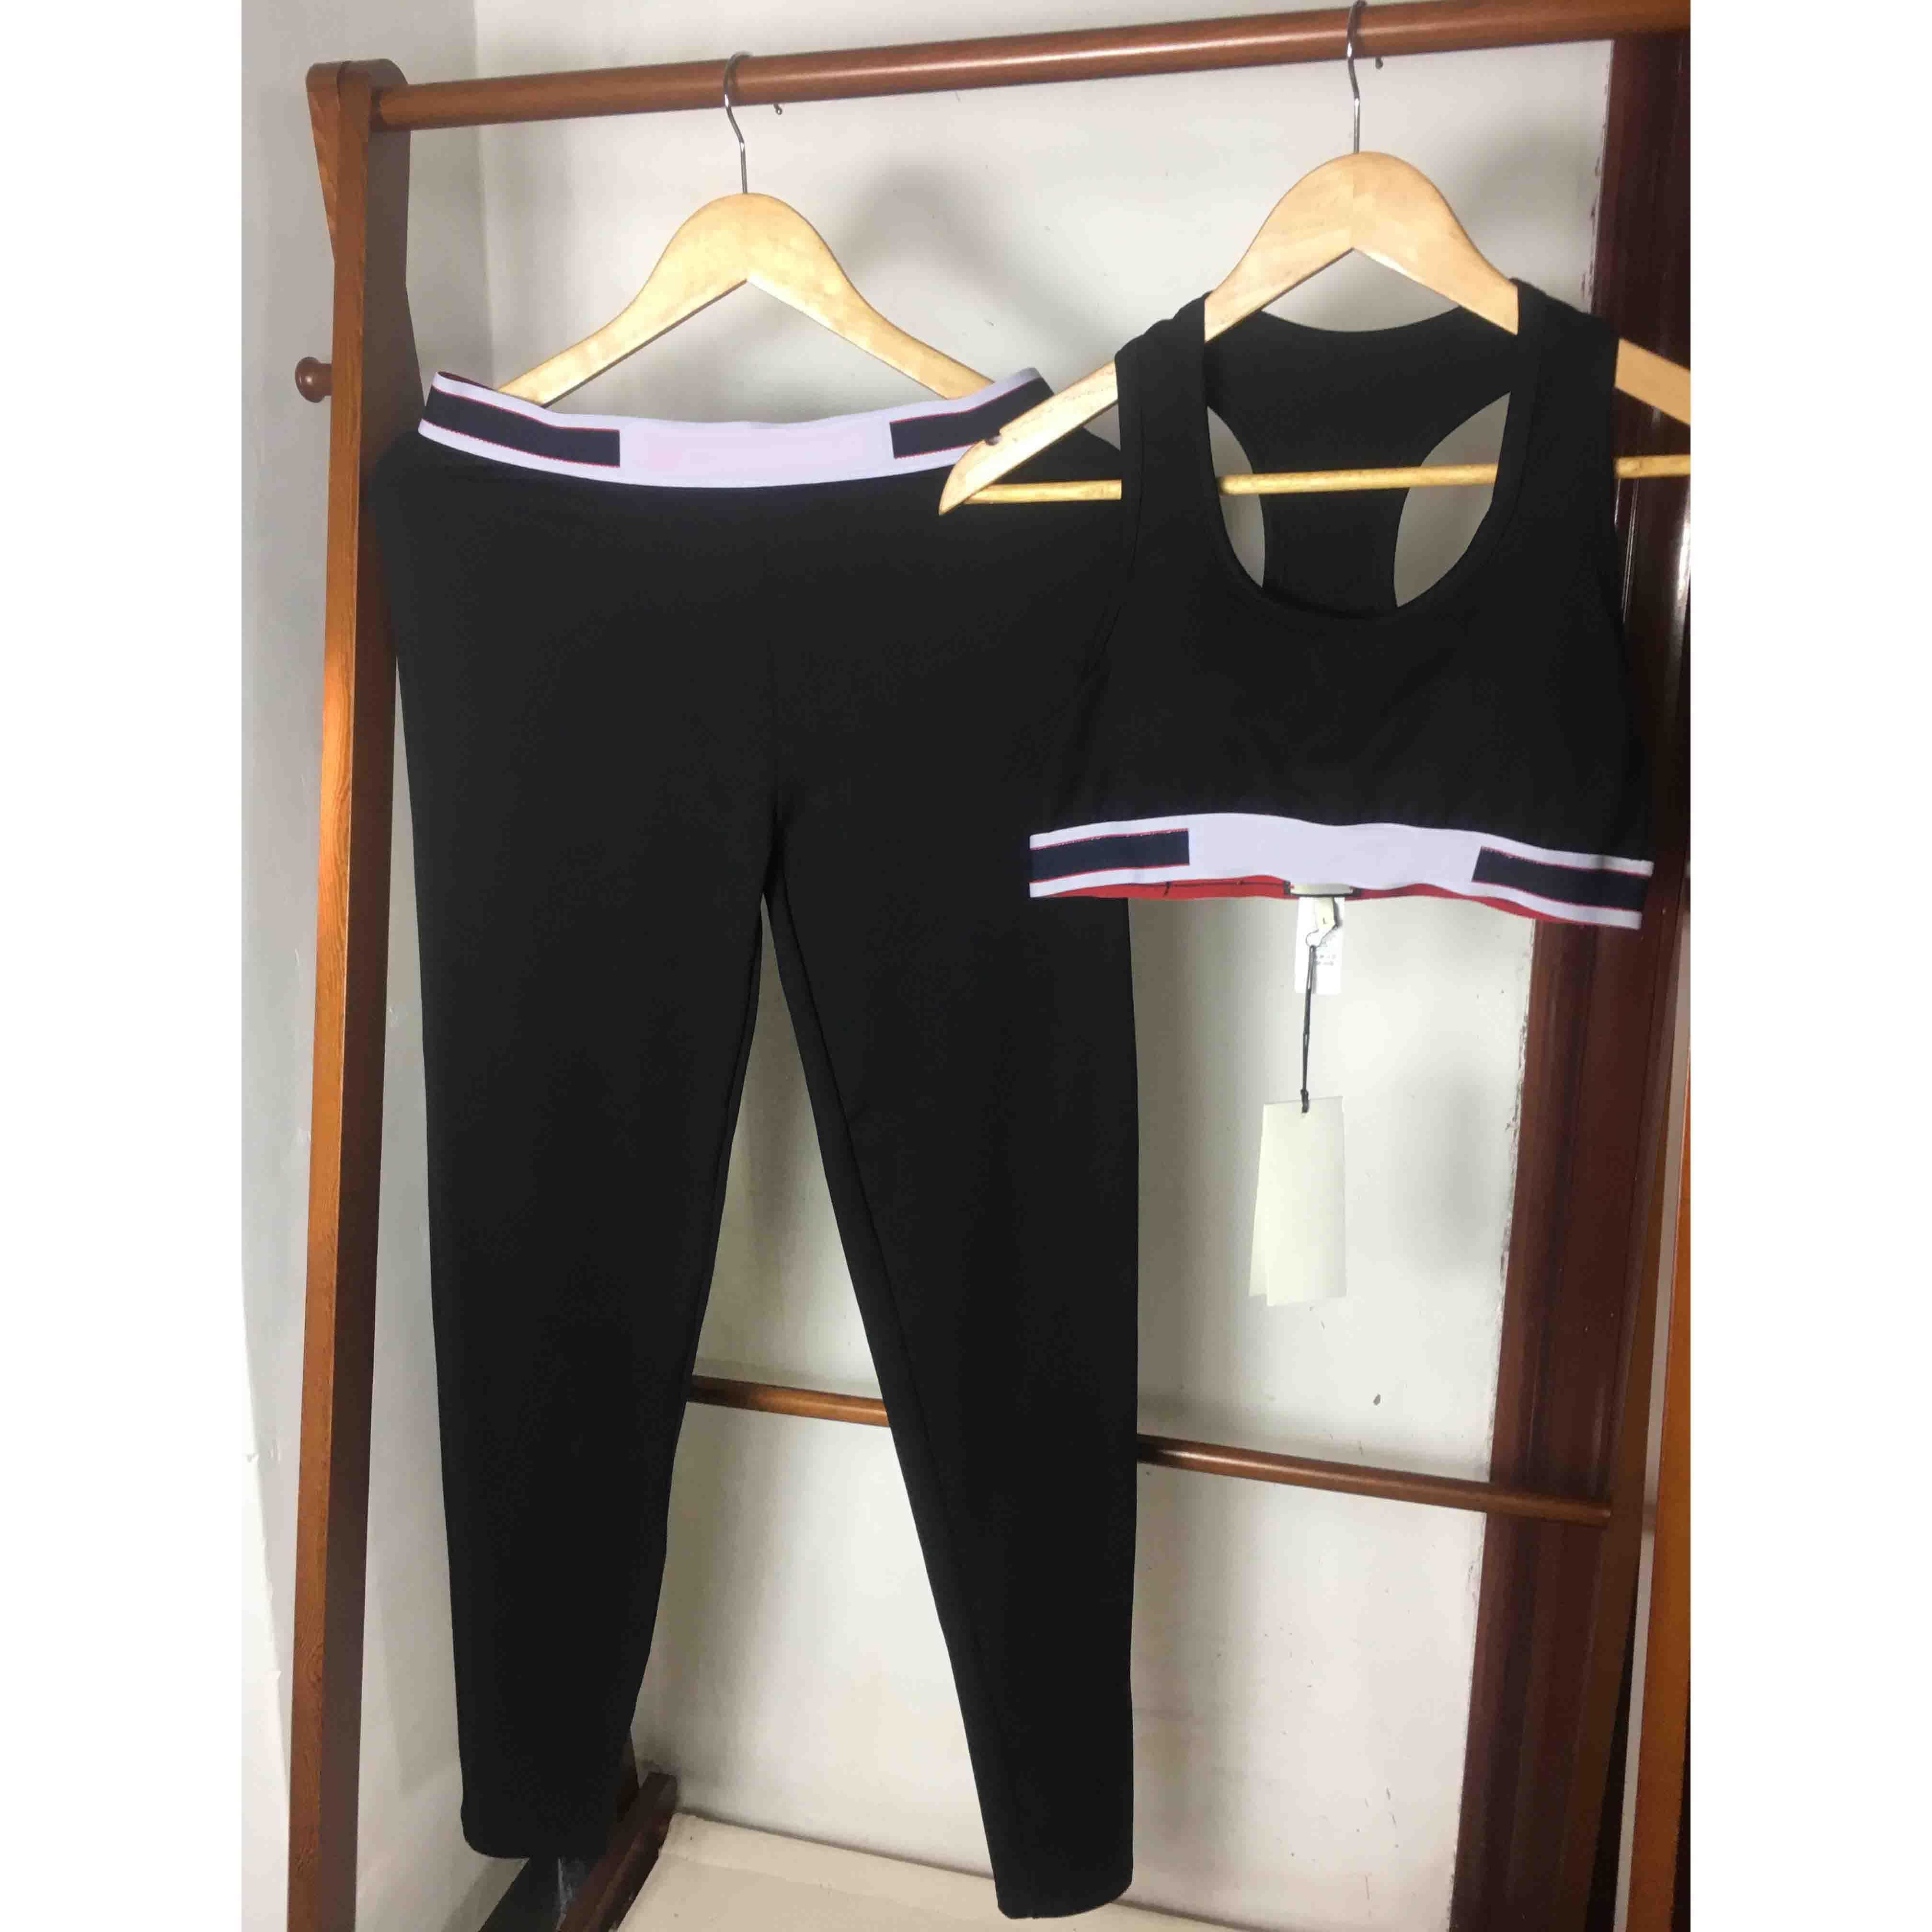 Frauen Designer-Yoga-Anzüge Luxus Letters String Vest Sweatpant Außenwerbung Marke Frauen zwei Stücke Outfits feste Gamaschen Womans Tracksuits